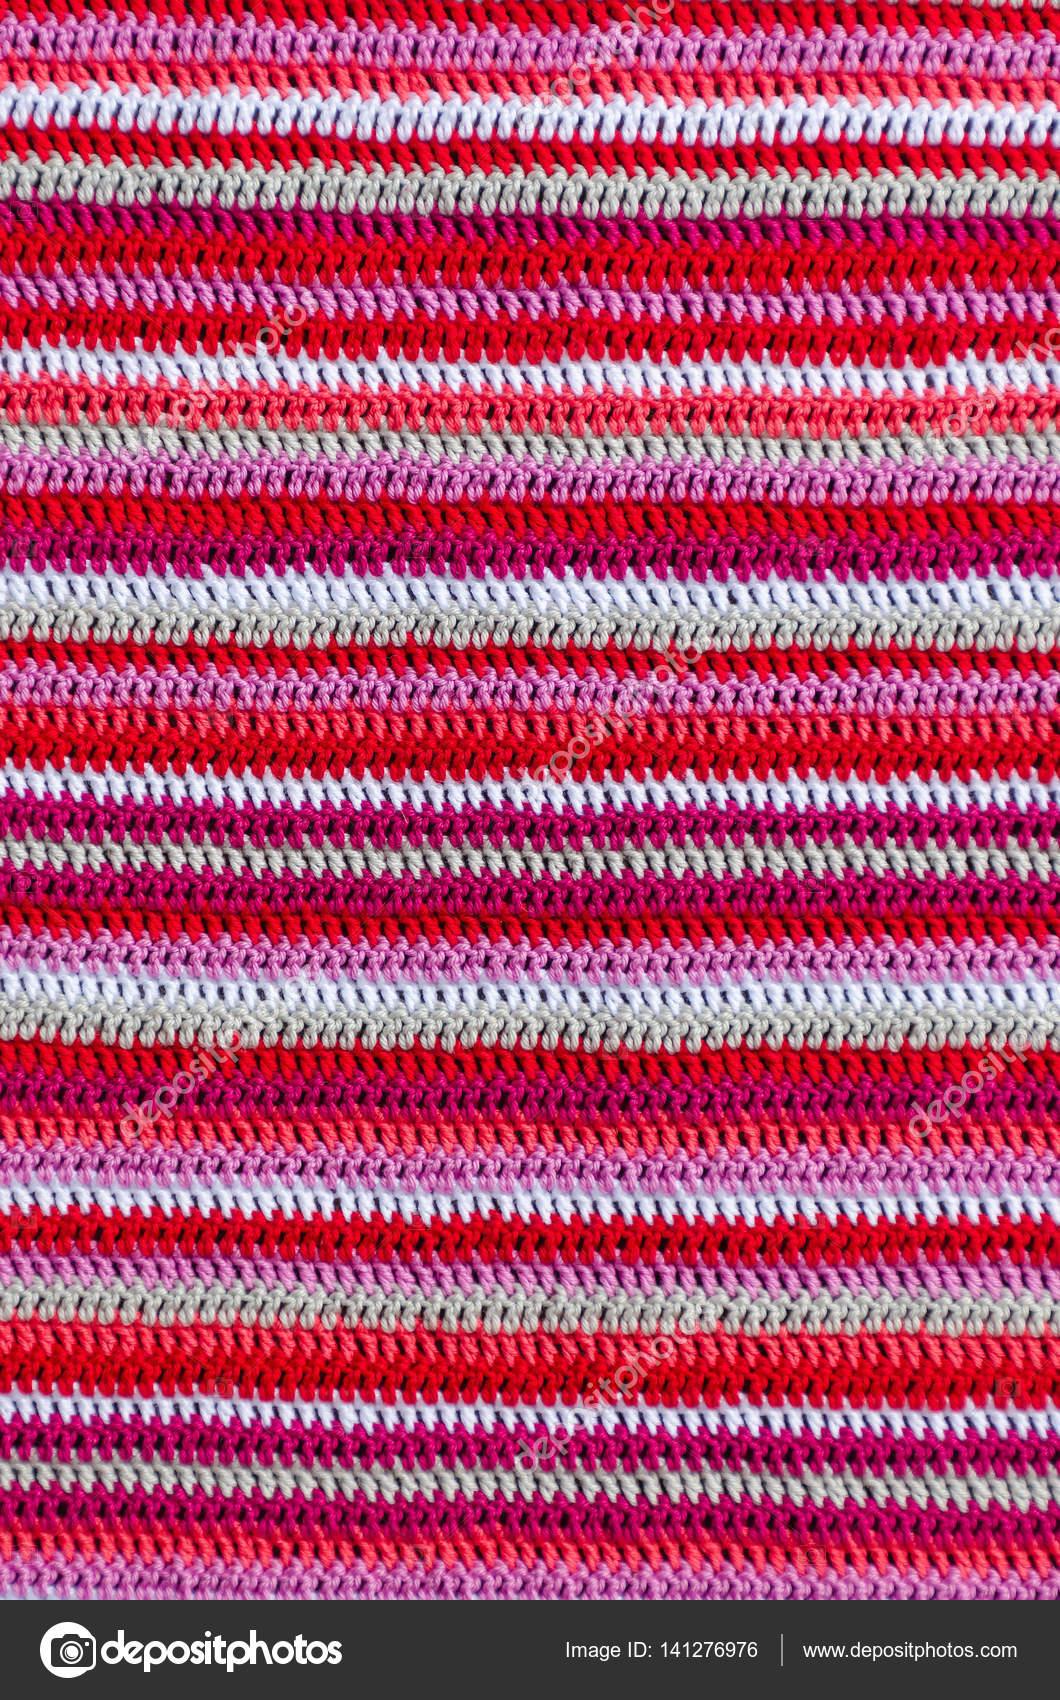 Häkeln Sie Stoff In Weißen Und Roten Farben Mit Einem Streifen